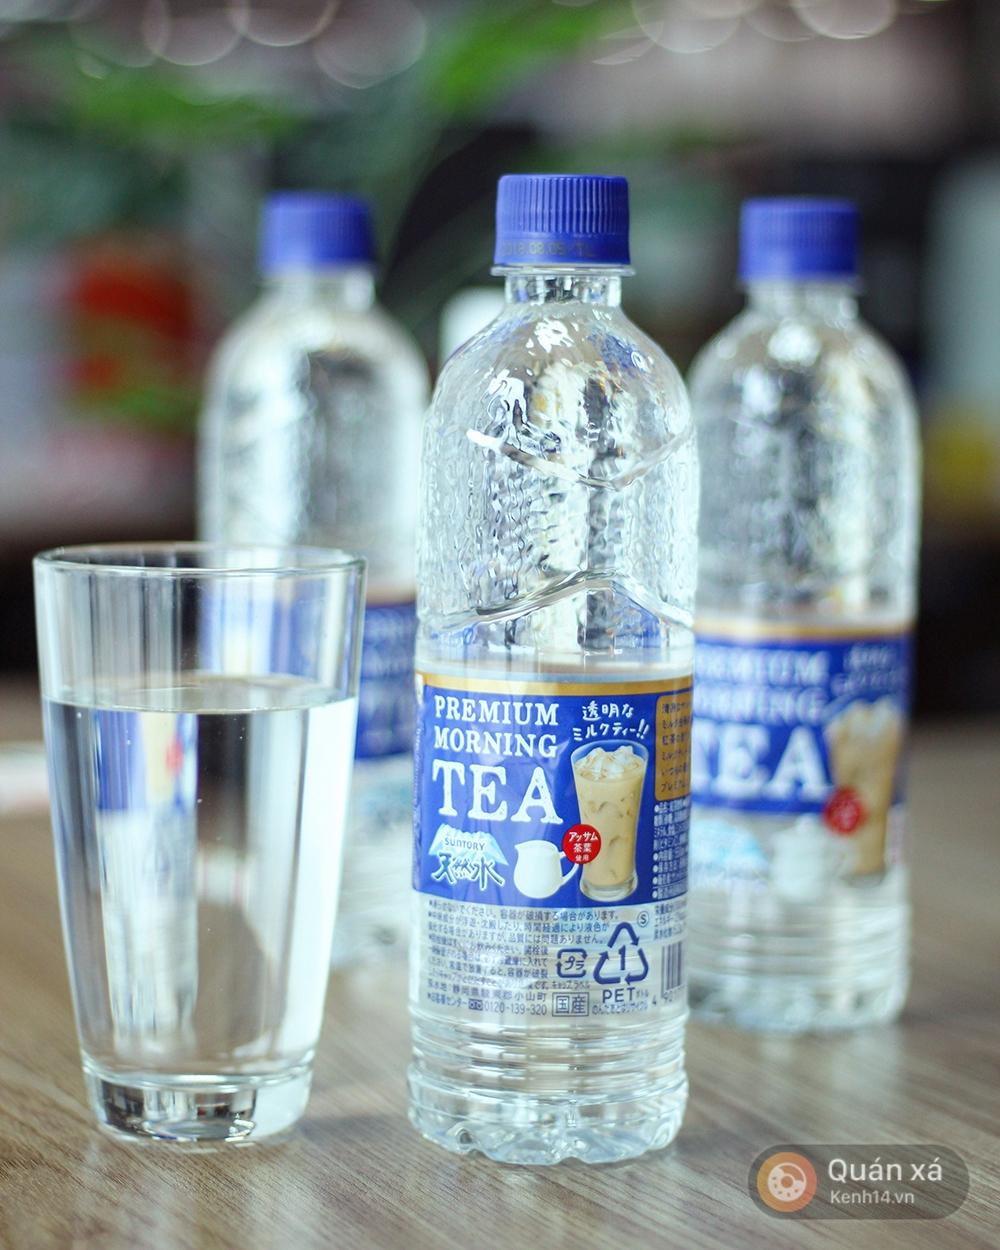 Nước lọc vị trà sữa đang hot ầm ĩ ở Nhật đã có mặt tại Việt Nam và đây là sự thật về nó - Ảnh 3.